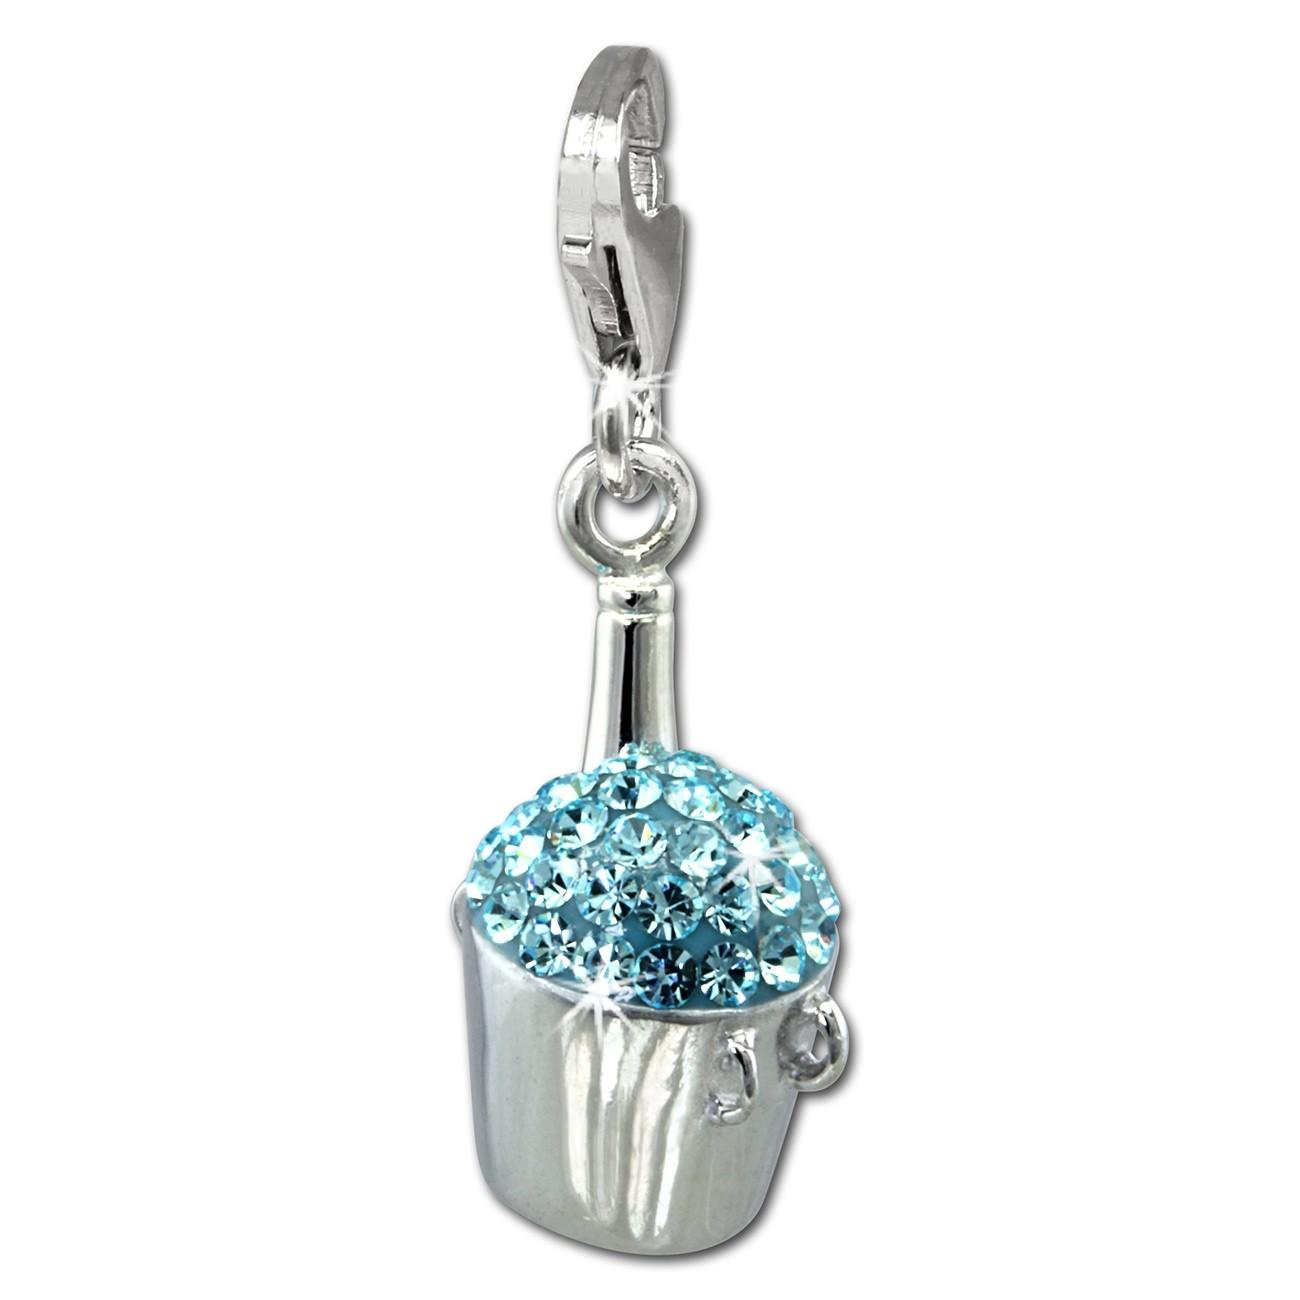 SilberDream Glitzer Charm Sektkühler hellblau Zirkonia Kristalle GSC573H